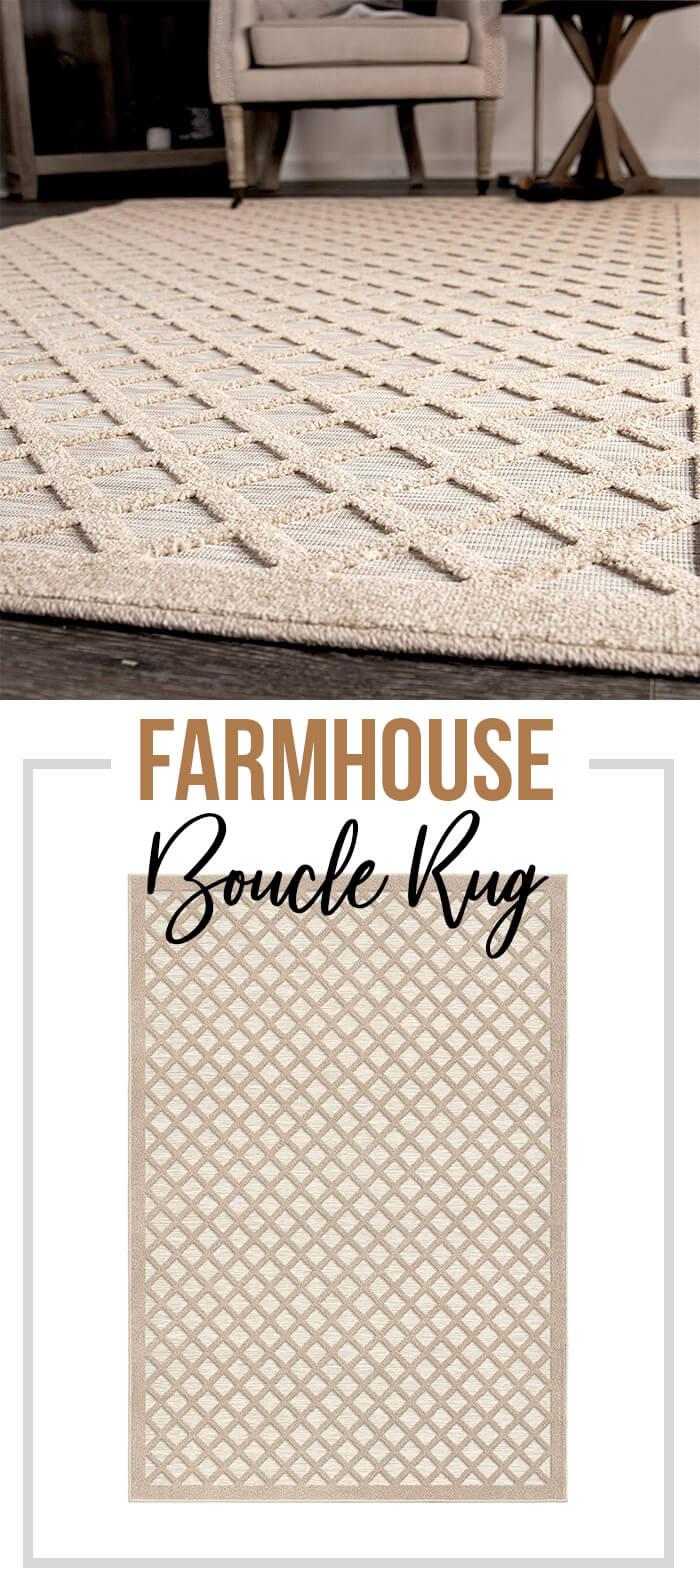 Tapis d'intérieur / extérieur Farmhouse Boucle